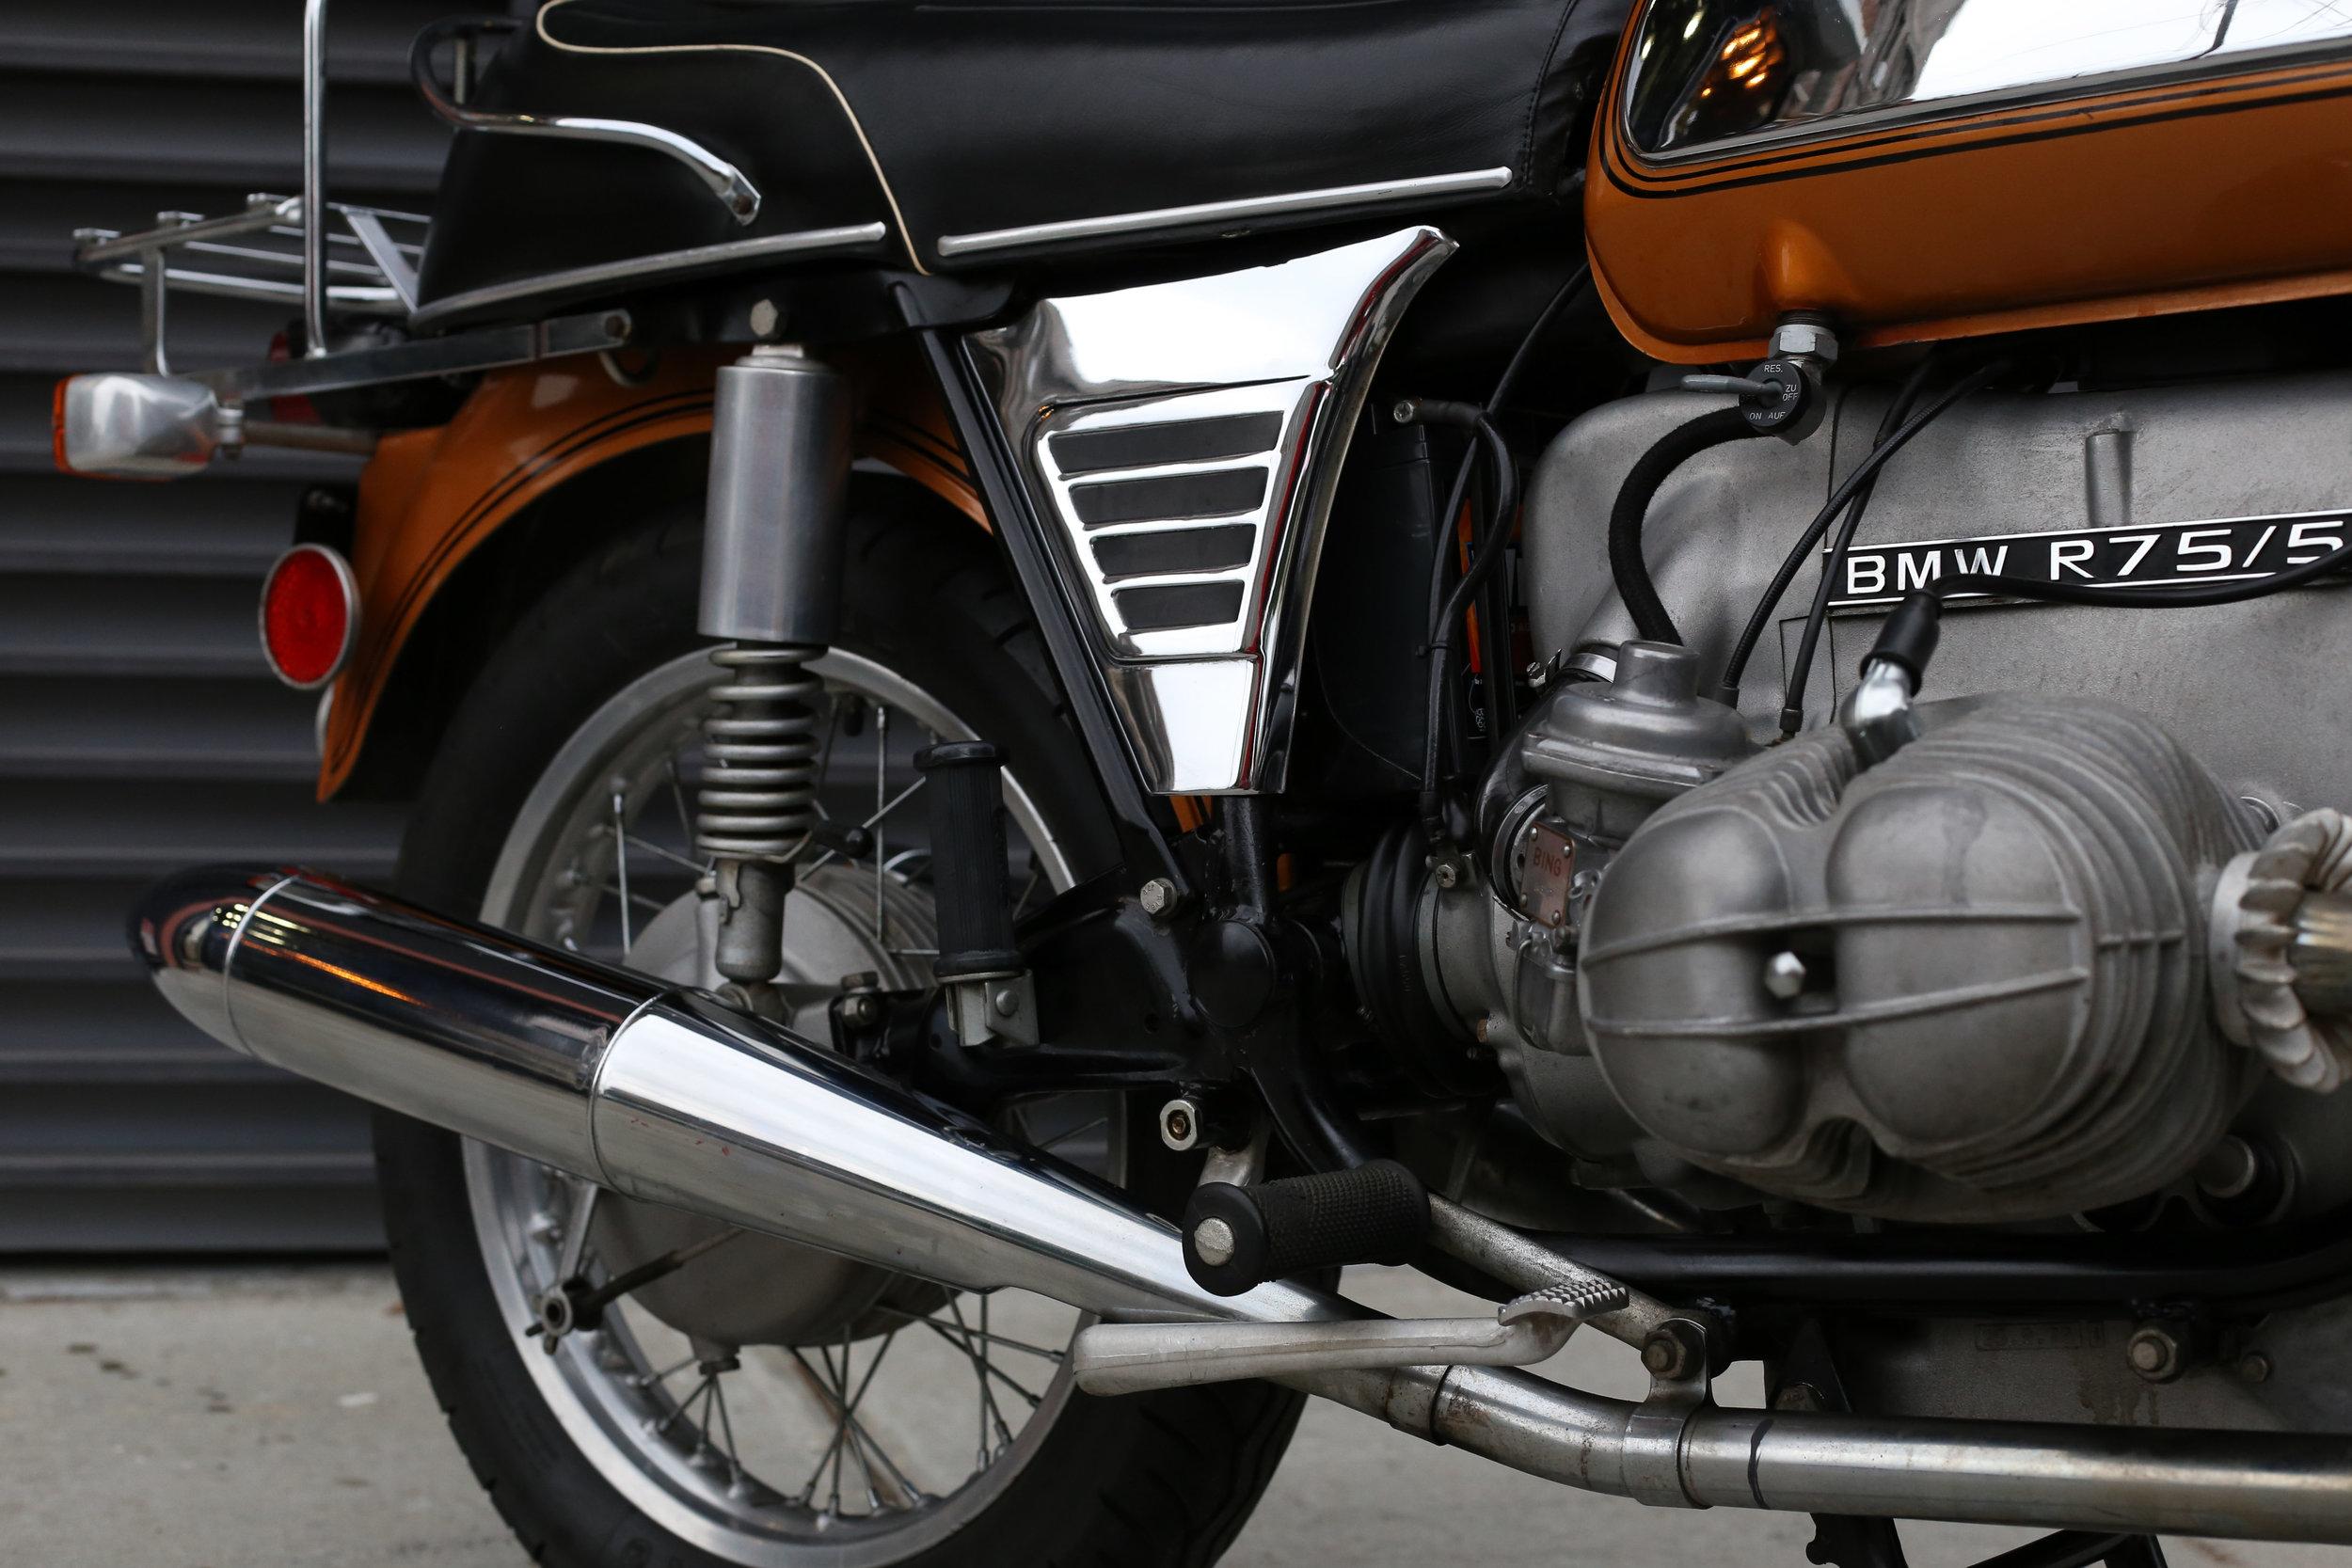 1973 BMW R75/5